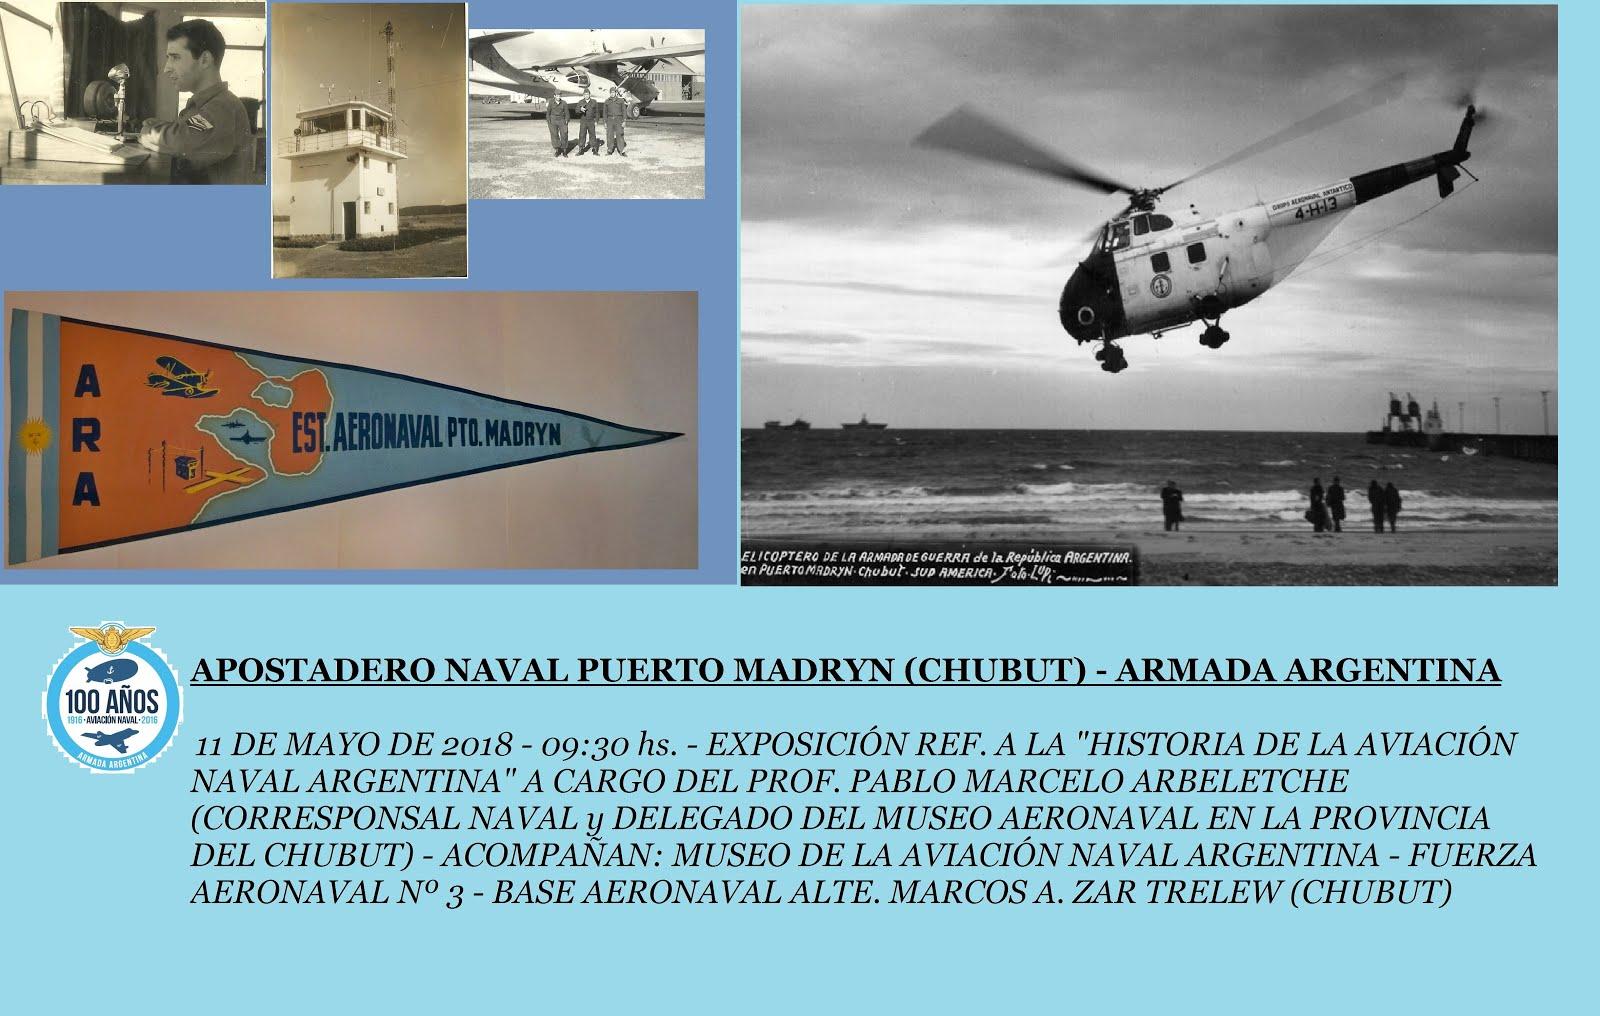 Historia de la Aviación Naval Argentina